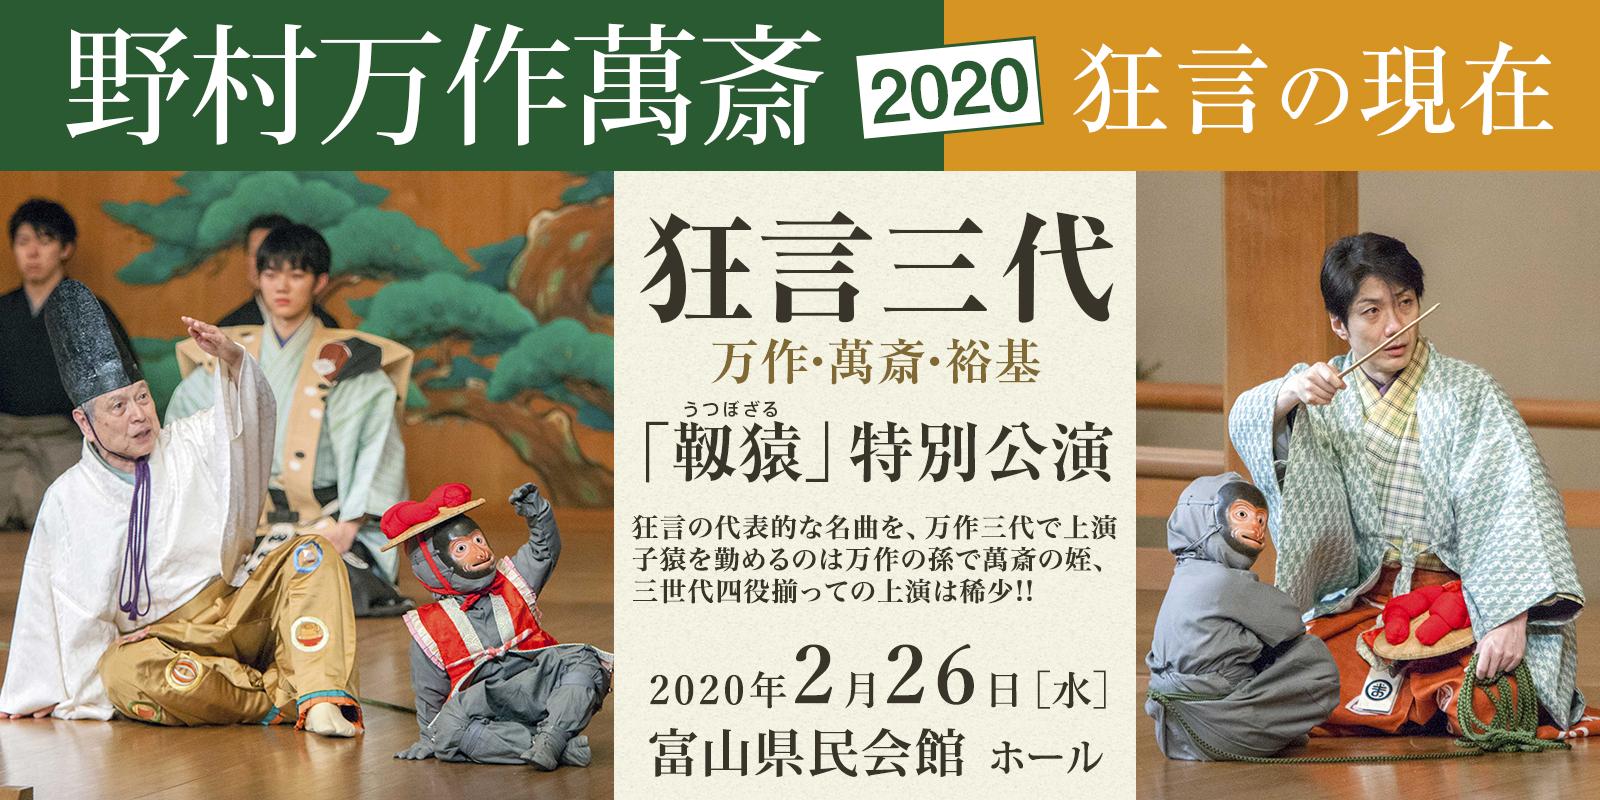 「野村万作萬斎 狂言の現在2020」狂言三代 特別公演